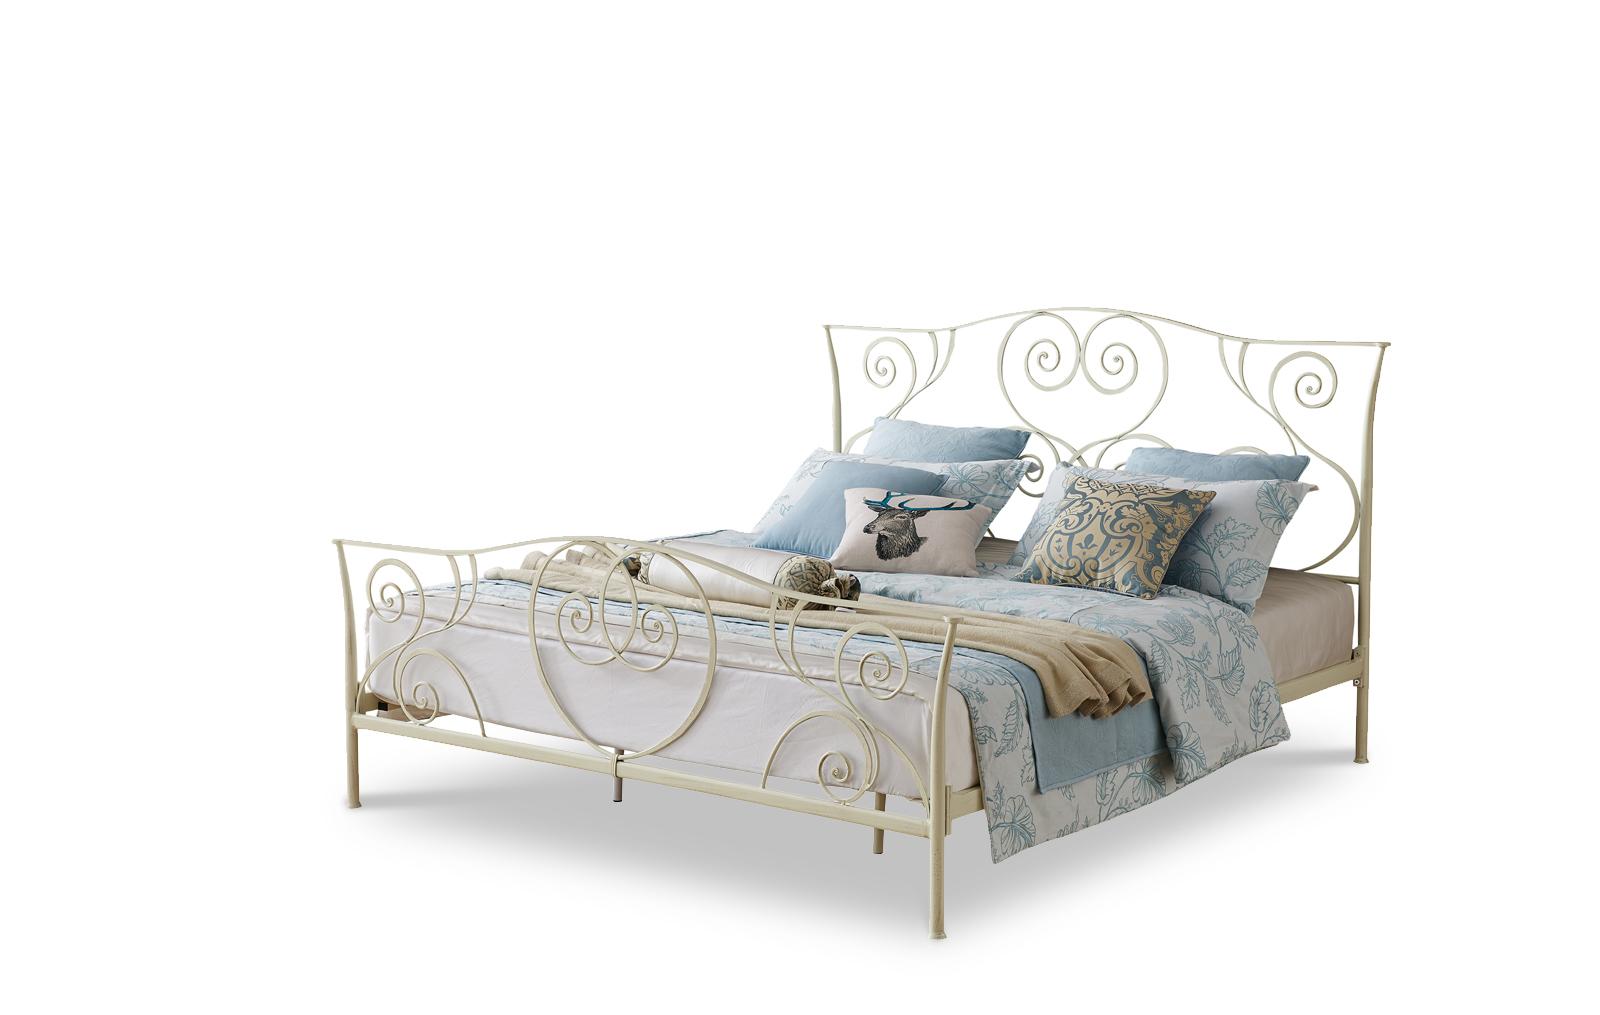 Кровать ESF TDF-0818 кремовая